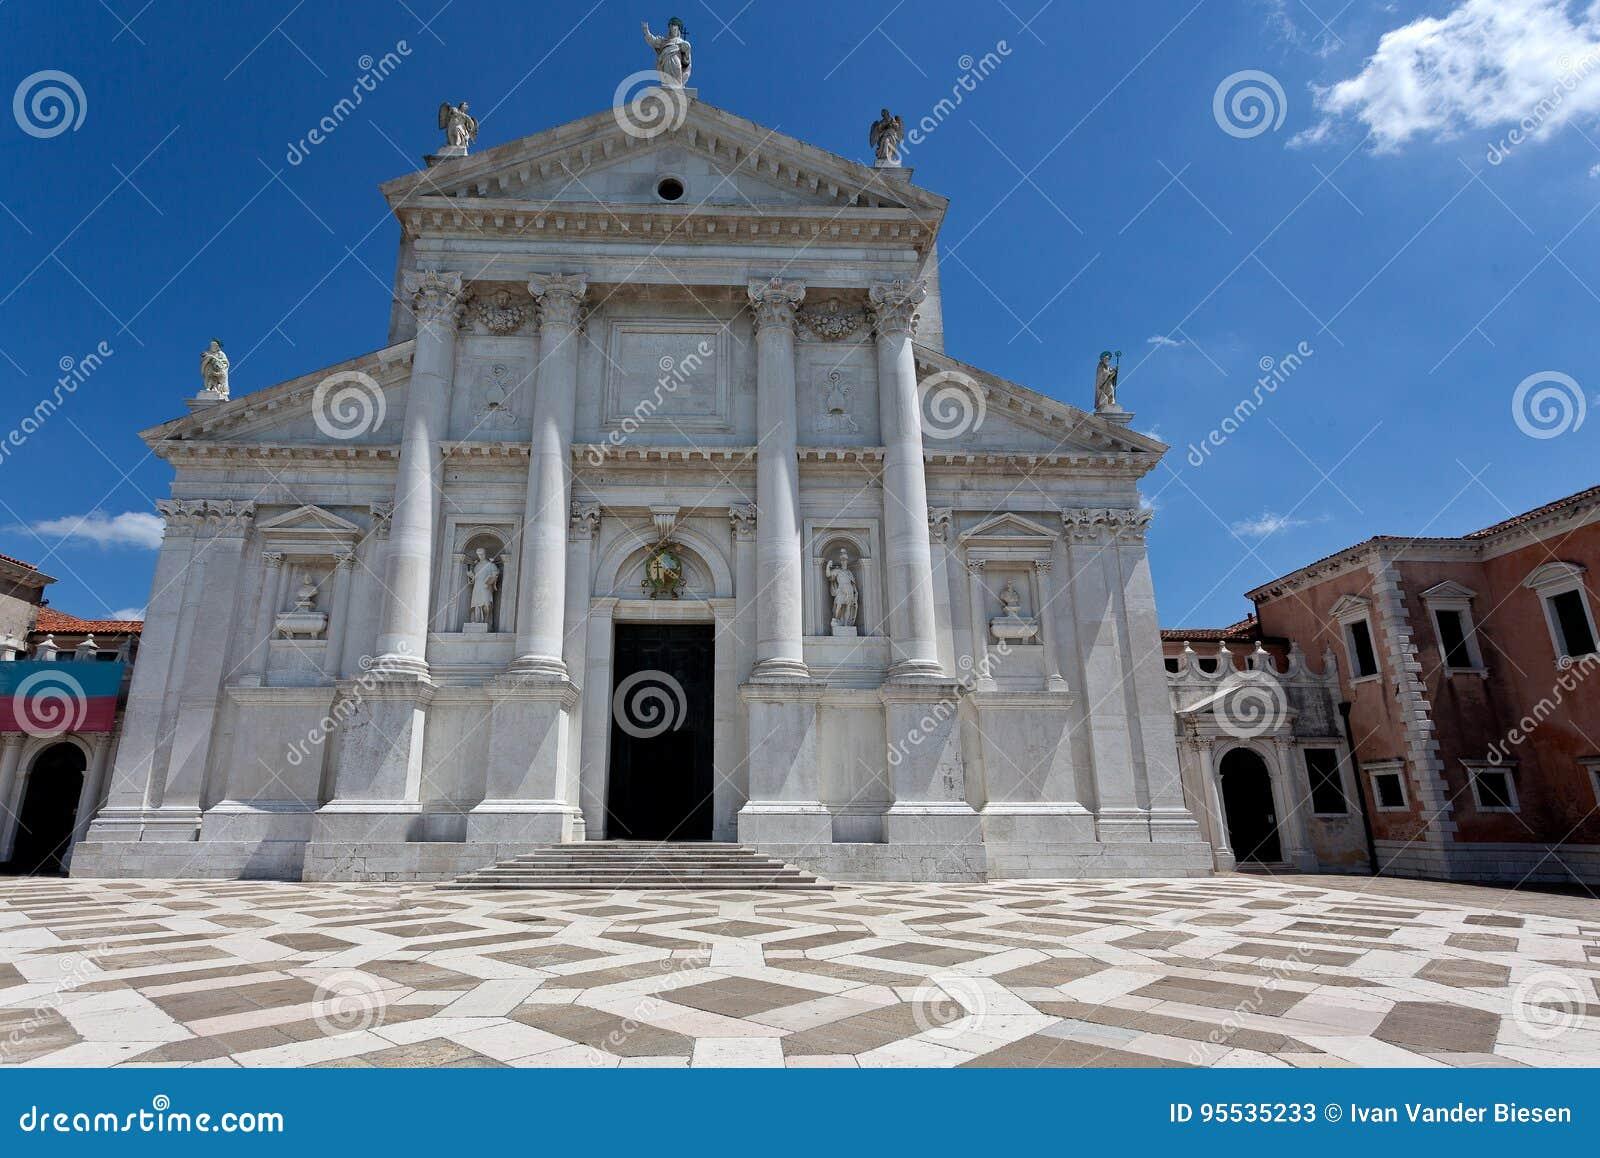 Kirche Von San Giorgio Maggiore In Venedig Italien Stockbild Bild